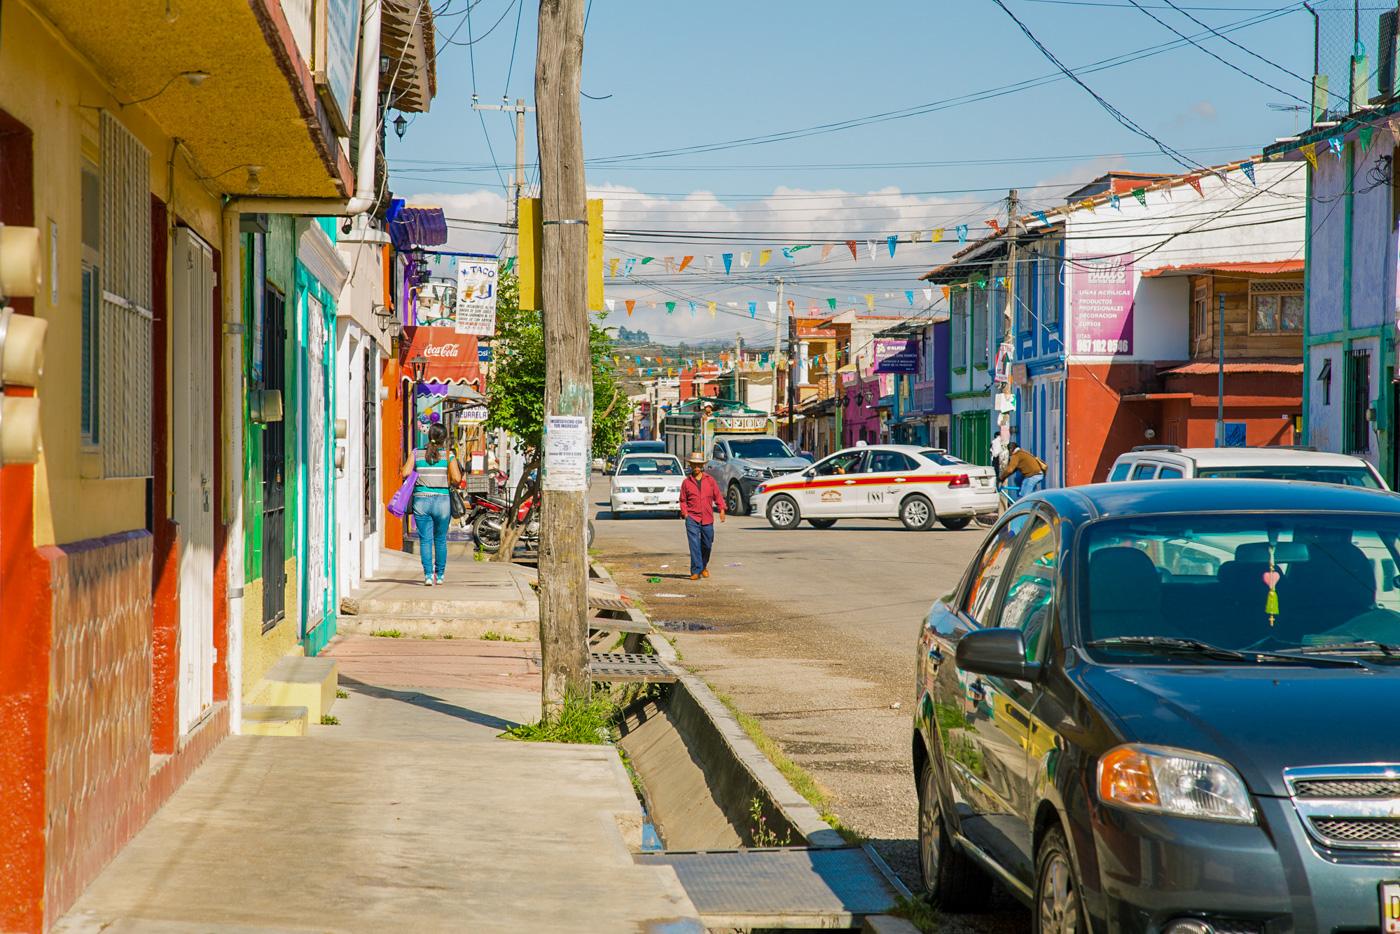 Travel Costs for San Cristobal de las Casas, Mexico